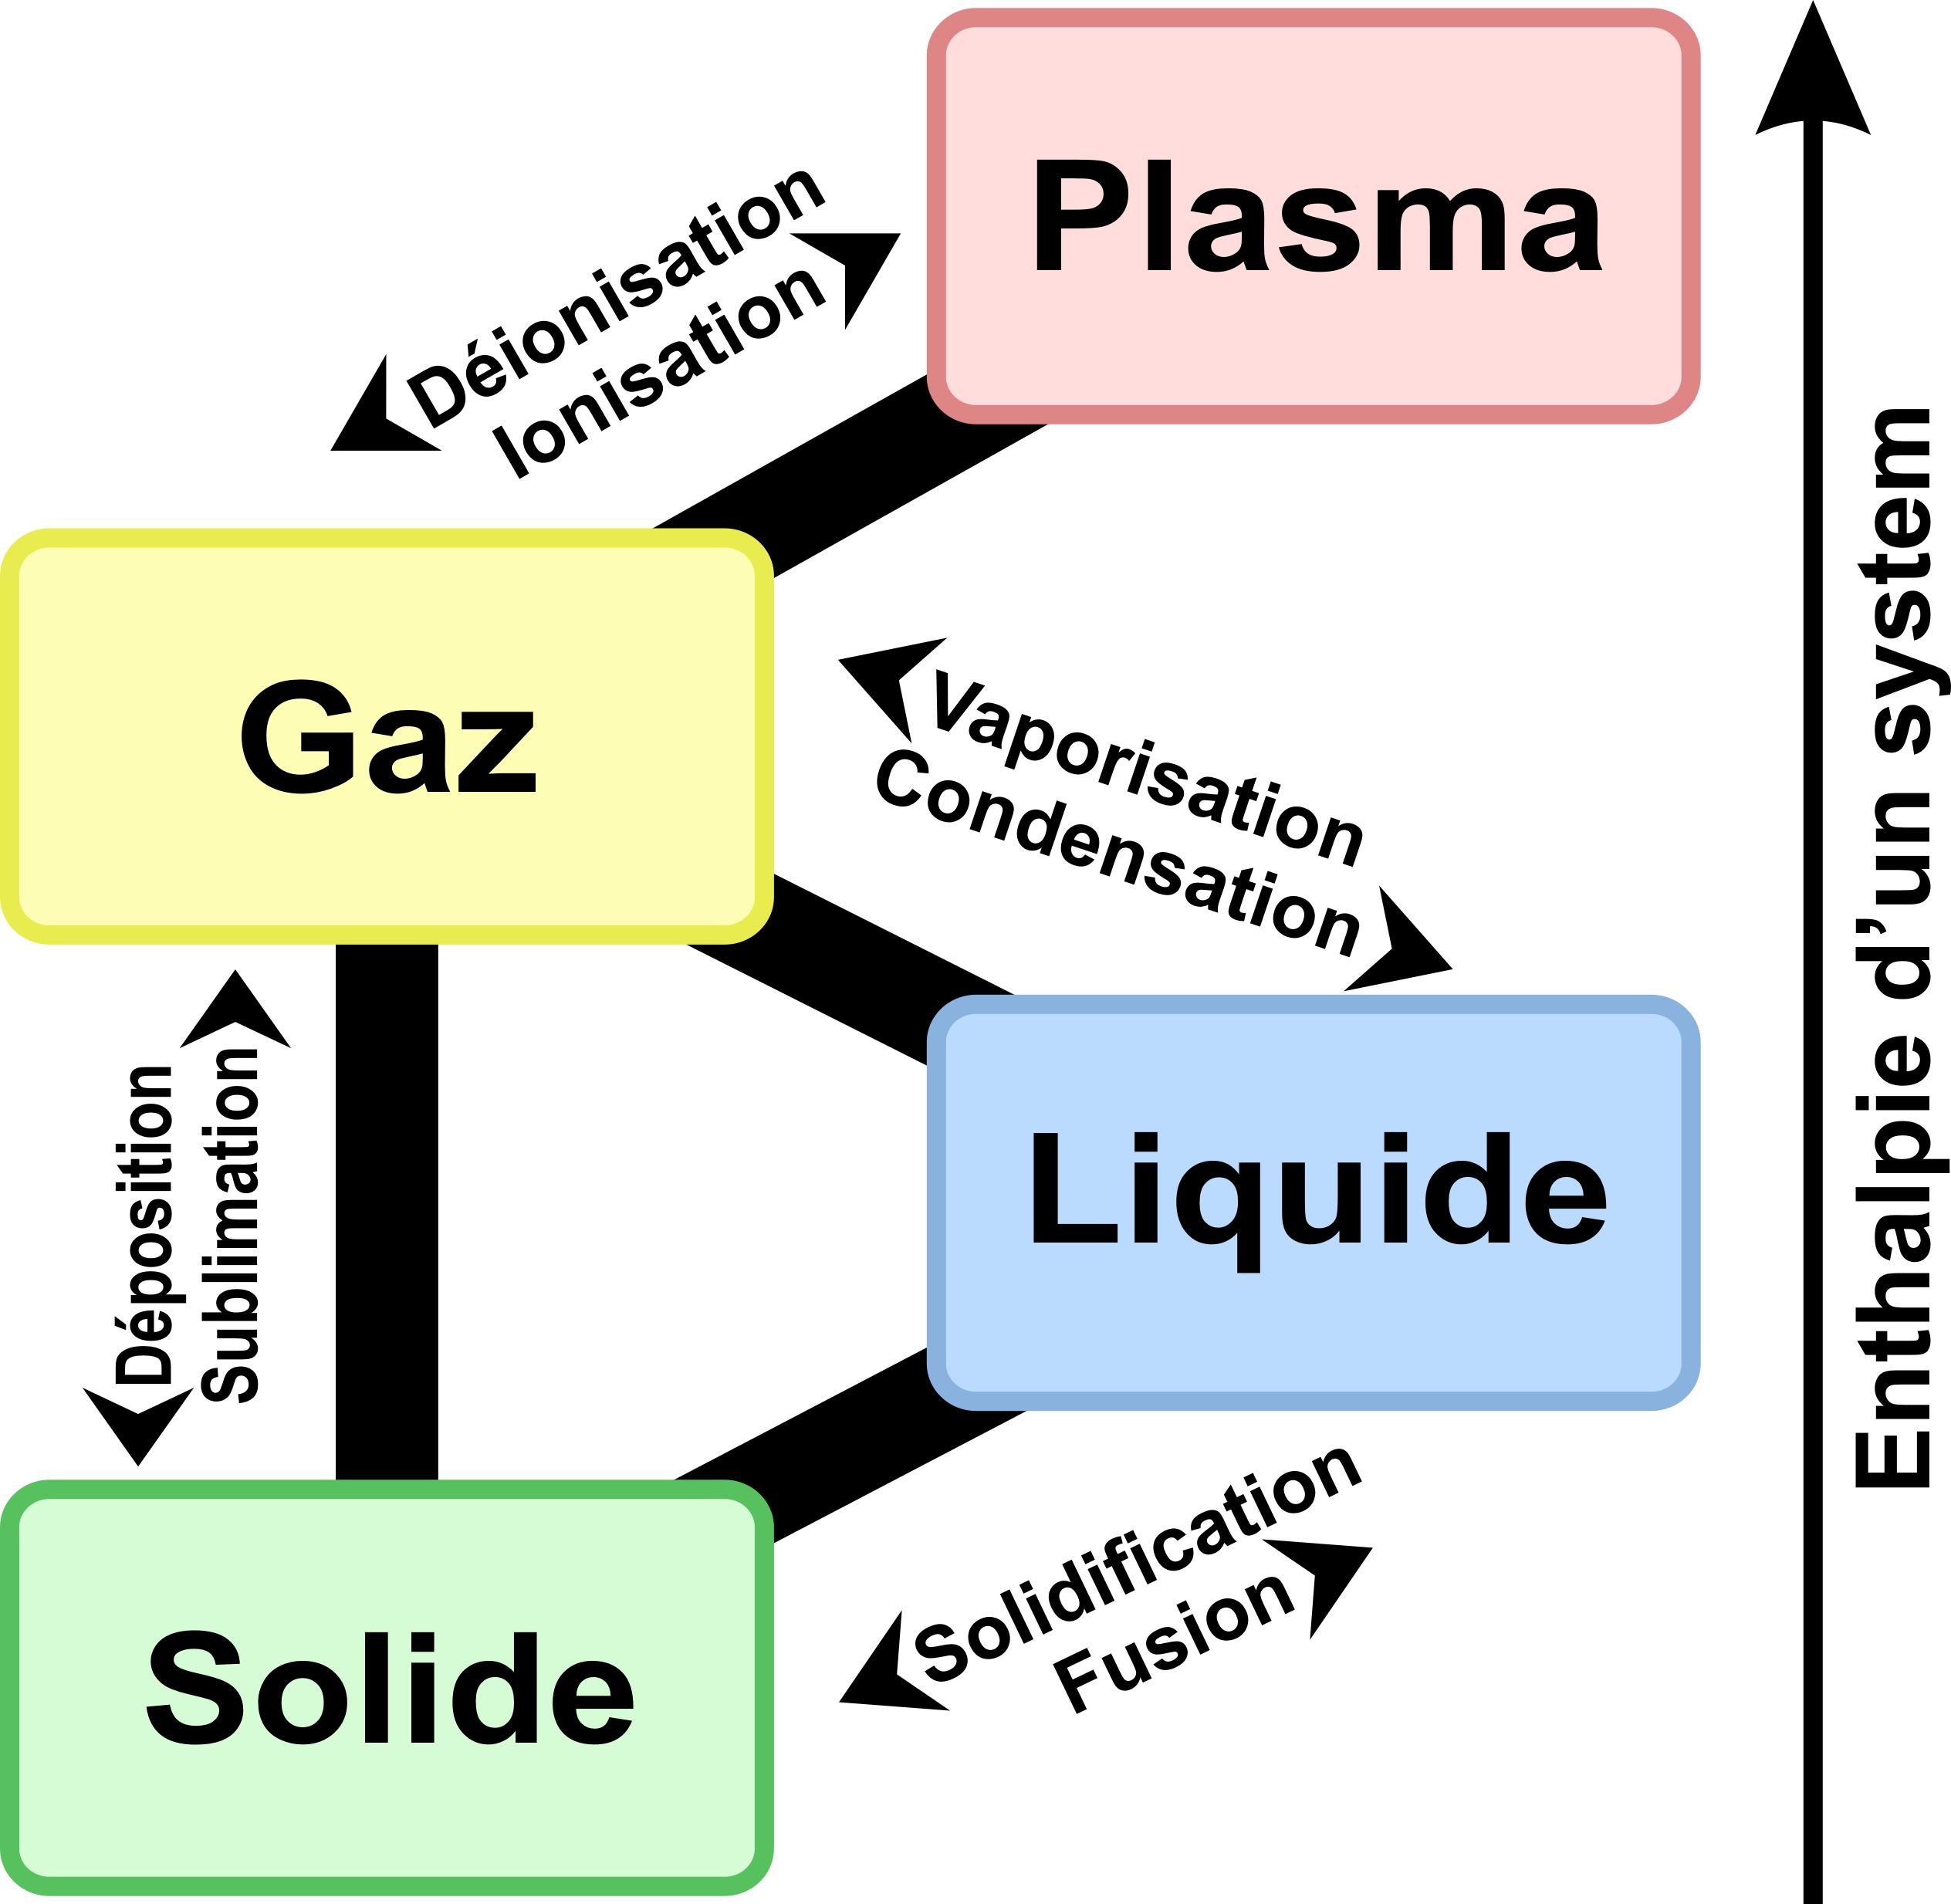 Philae: atterrissage et mission (partie 3) - Page 8 Image_%C3%A9tat_de_la_mati%C3%A8re